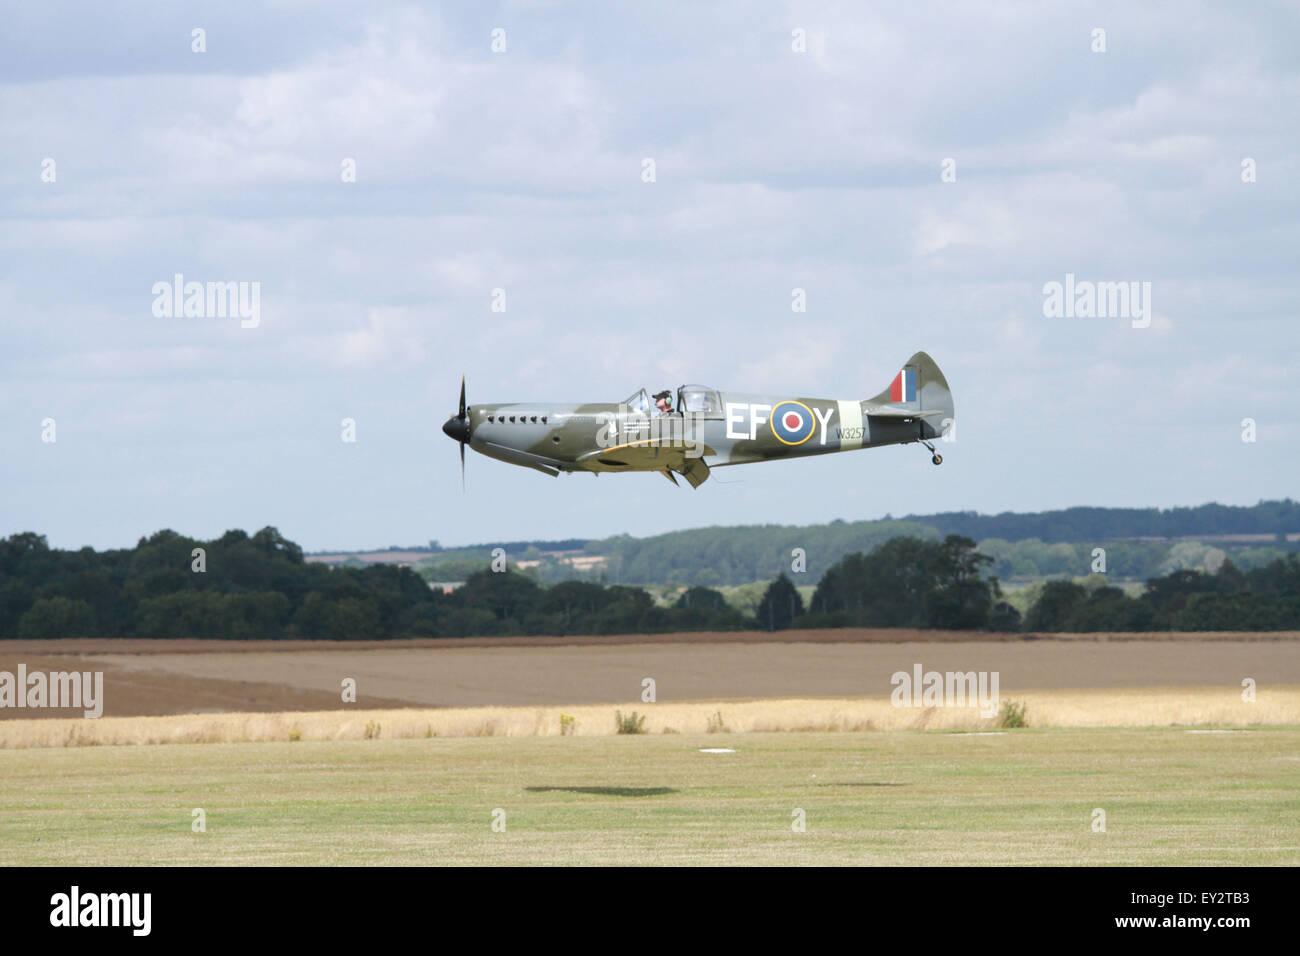 Spitfire Replica Stock Photos & Spitfire Replica Stock Images - Alamy